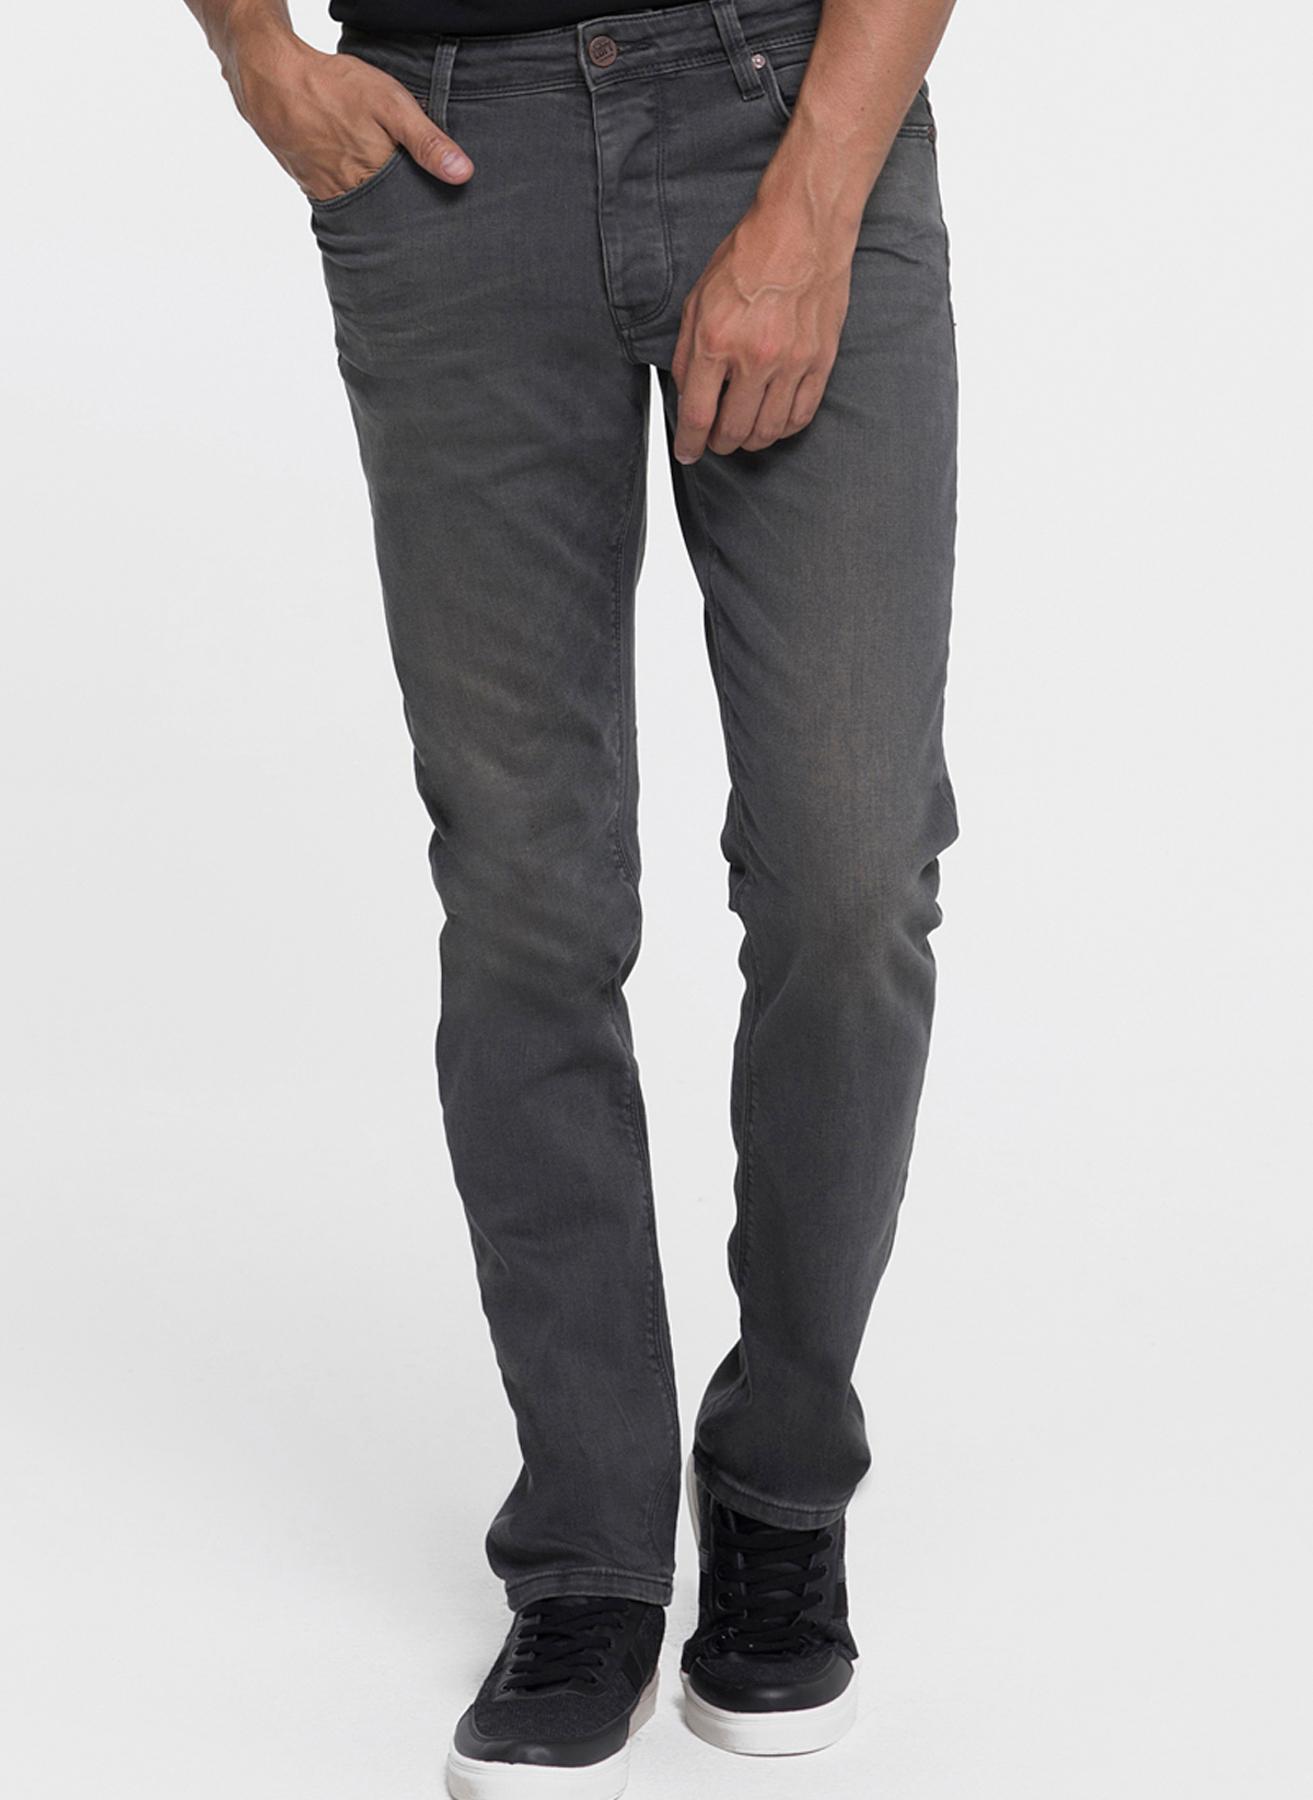 Loft Klasik Pantolon 38-32 5001733853017 Ürün Resmi